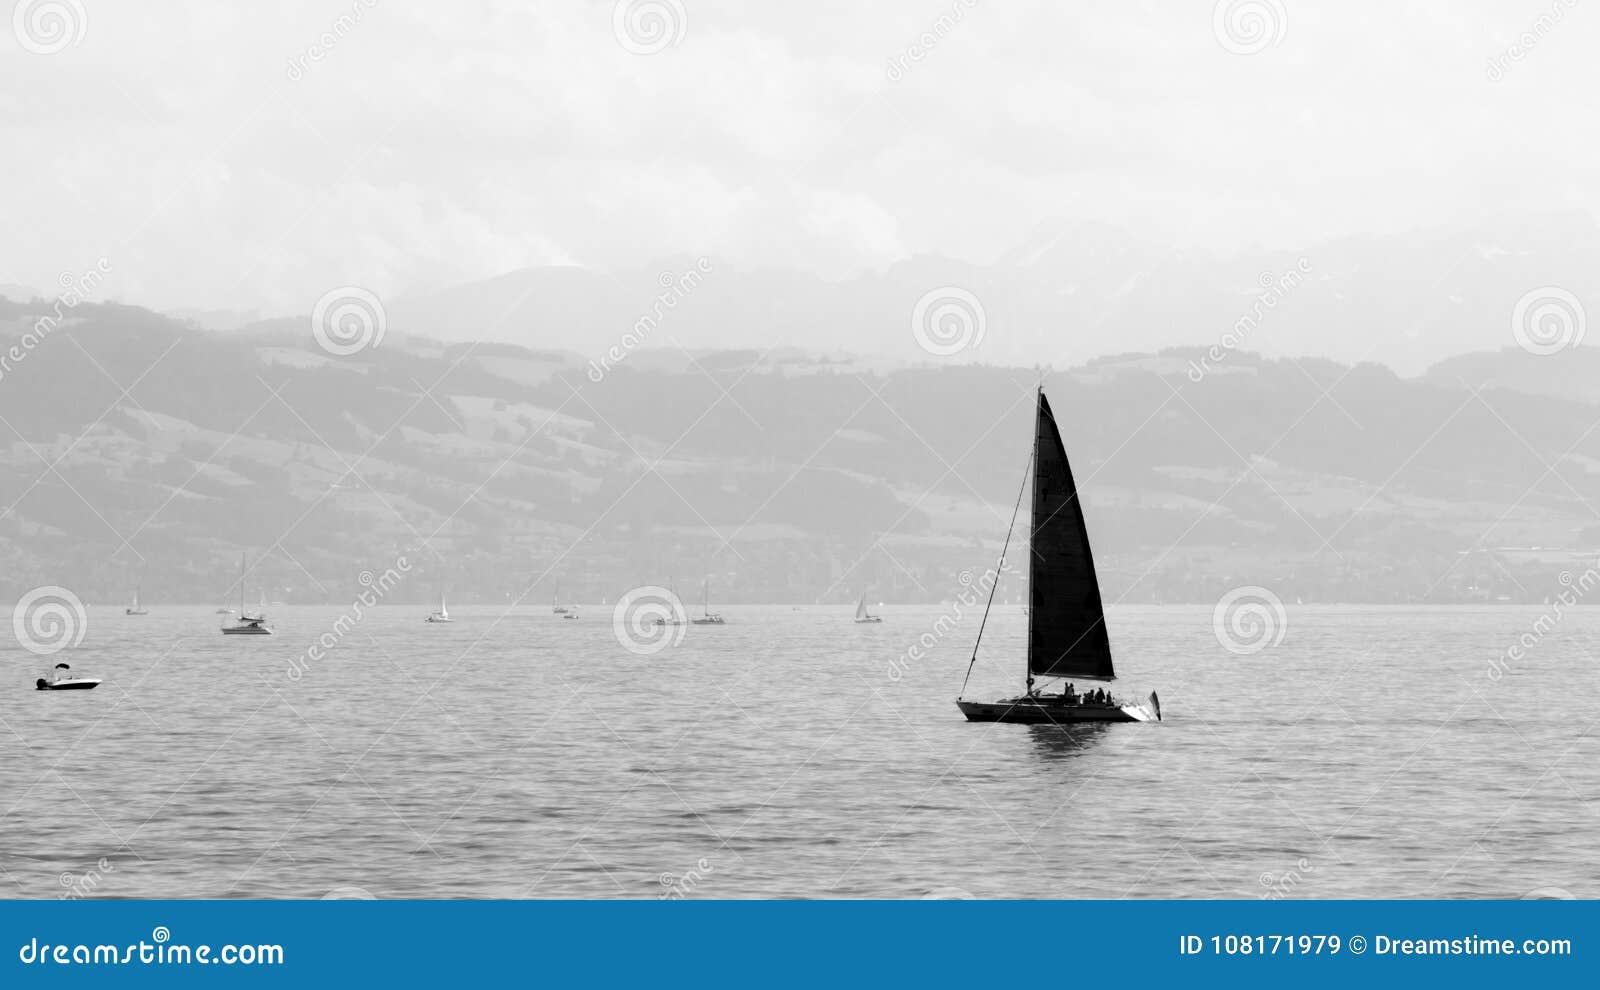 Μικρό γιοτ που πλέει με το Bodensee, Γερμανία σε μονοχρωματικό